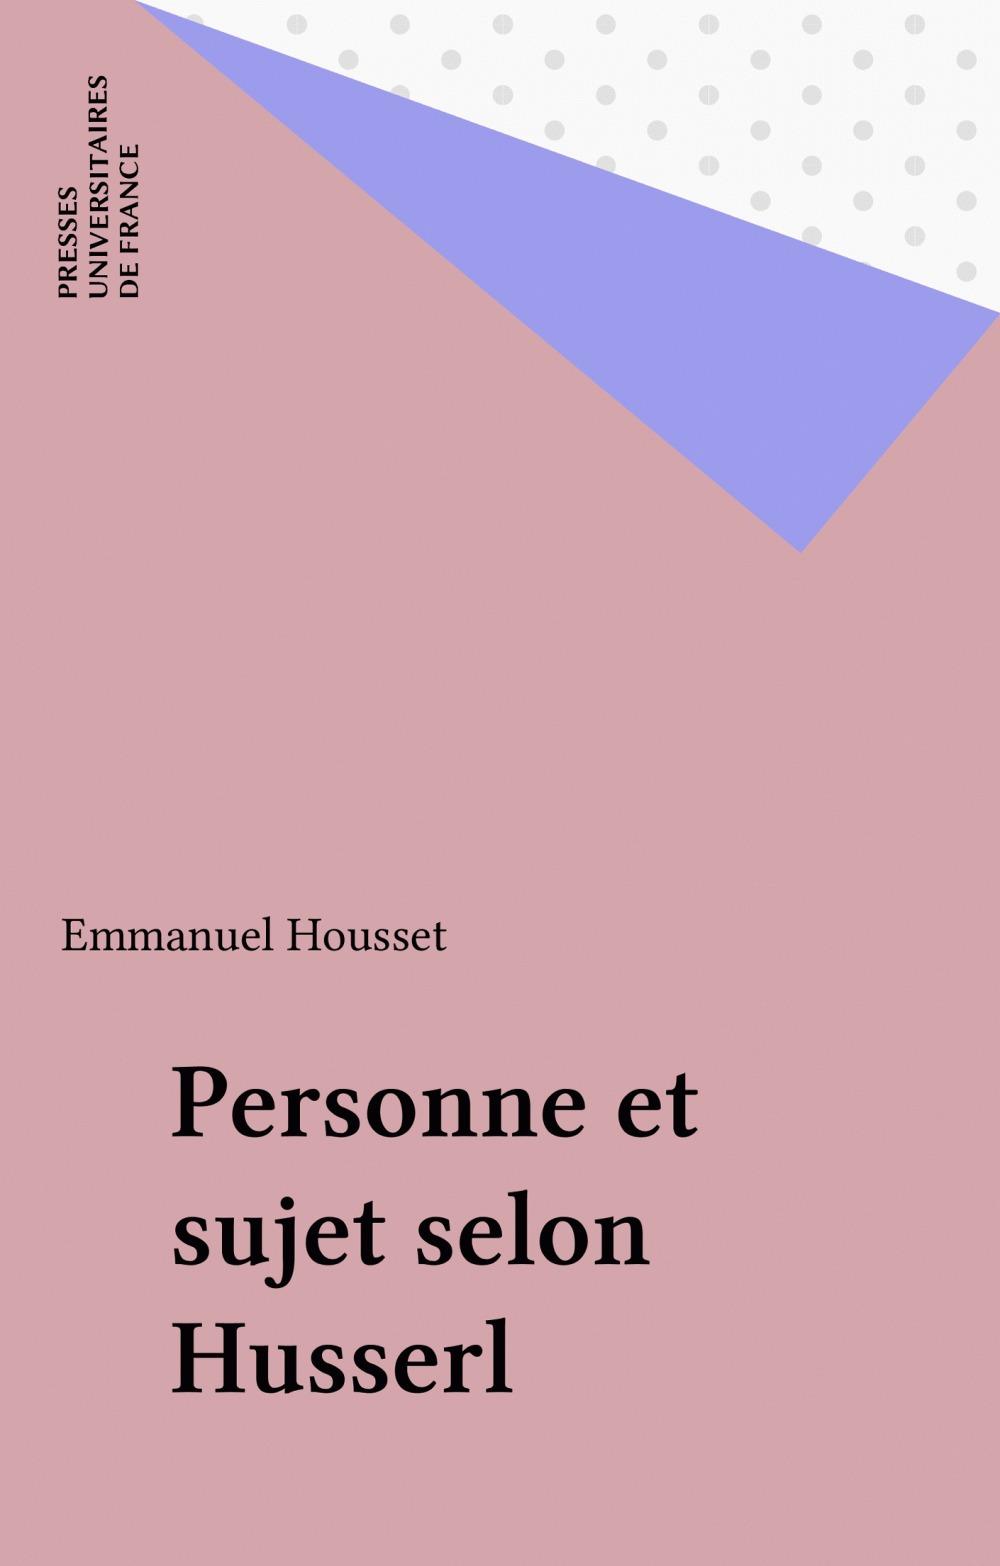 Emmanuel Housset Personne et sujet selon Husserl